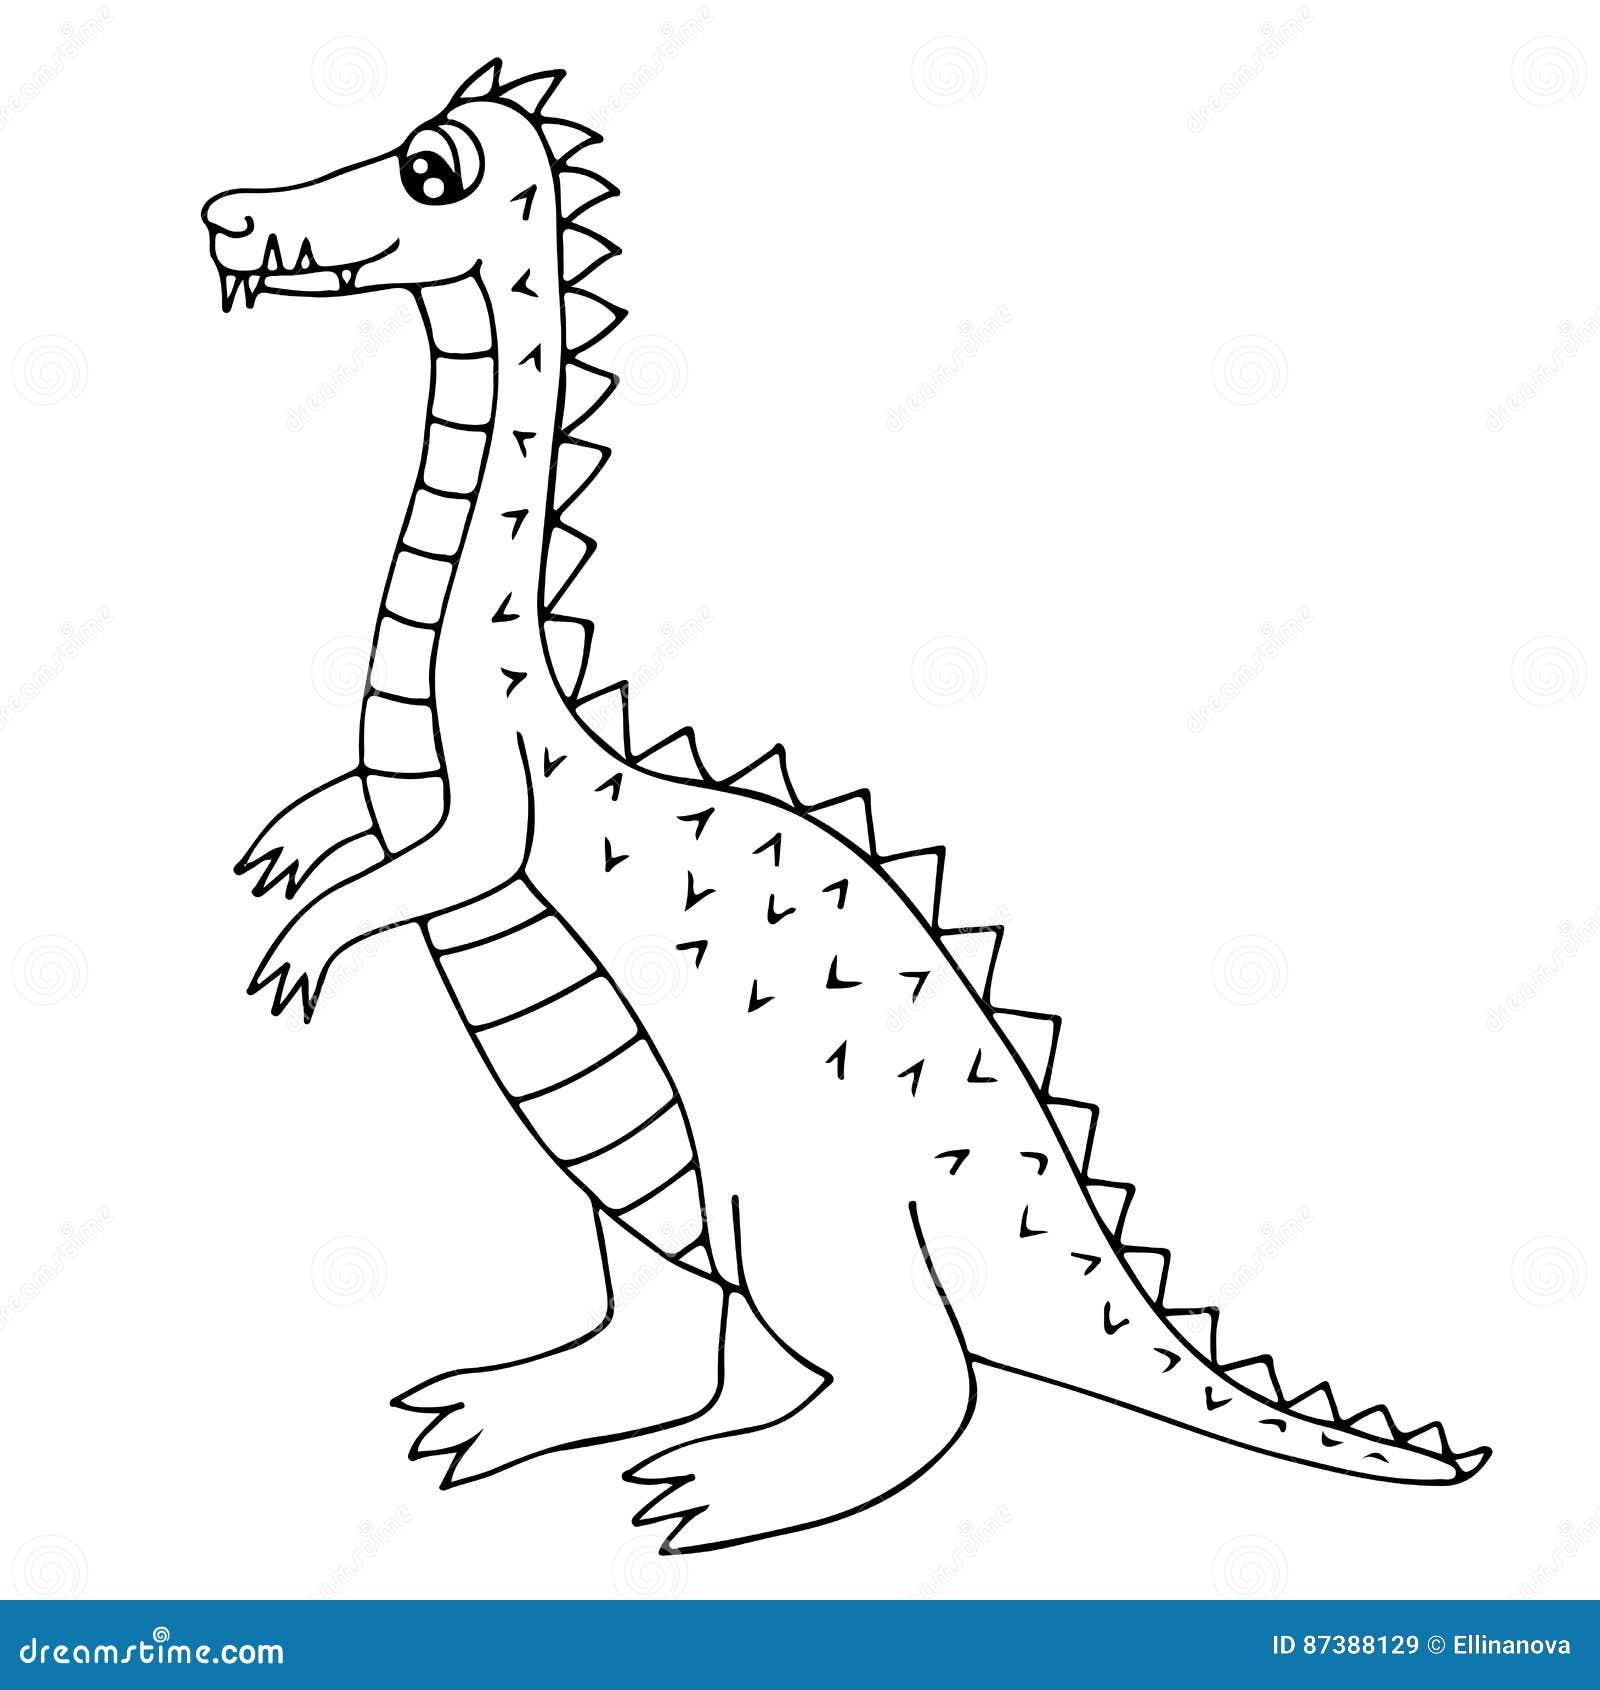 Ziemlich Zeichnung Dinosaurier Anatomie Und Skizzieren Fotos